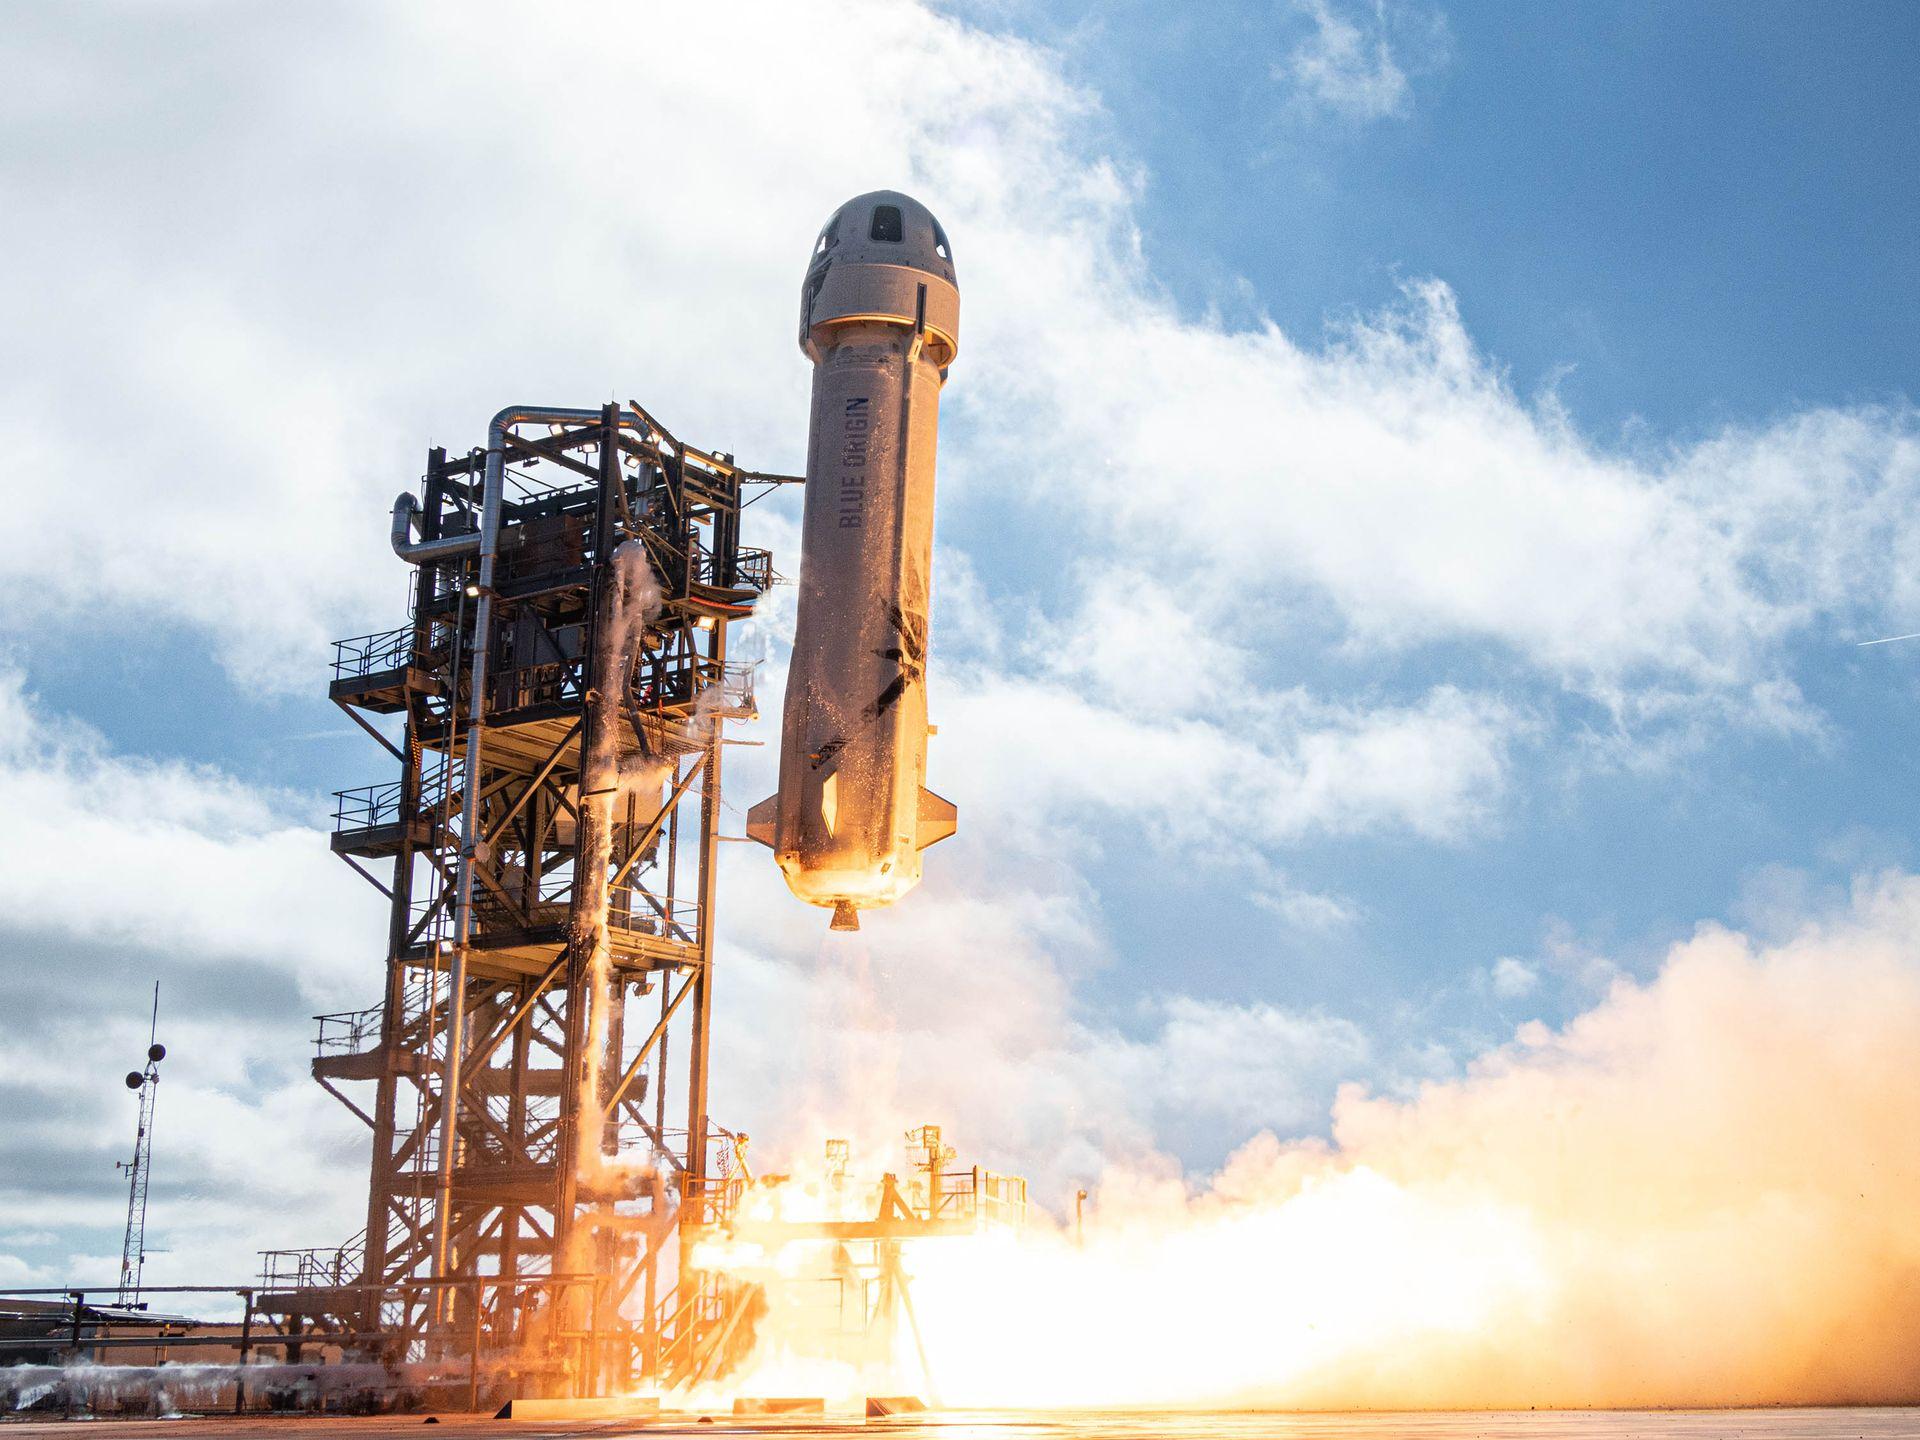 Космический туризм: Blue Origin приступила к финальным испытаниям.Вокруг Света. Украина